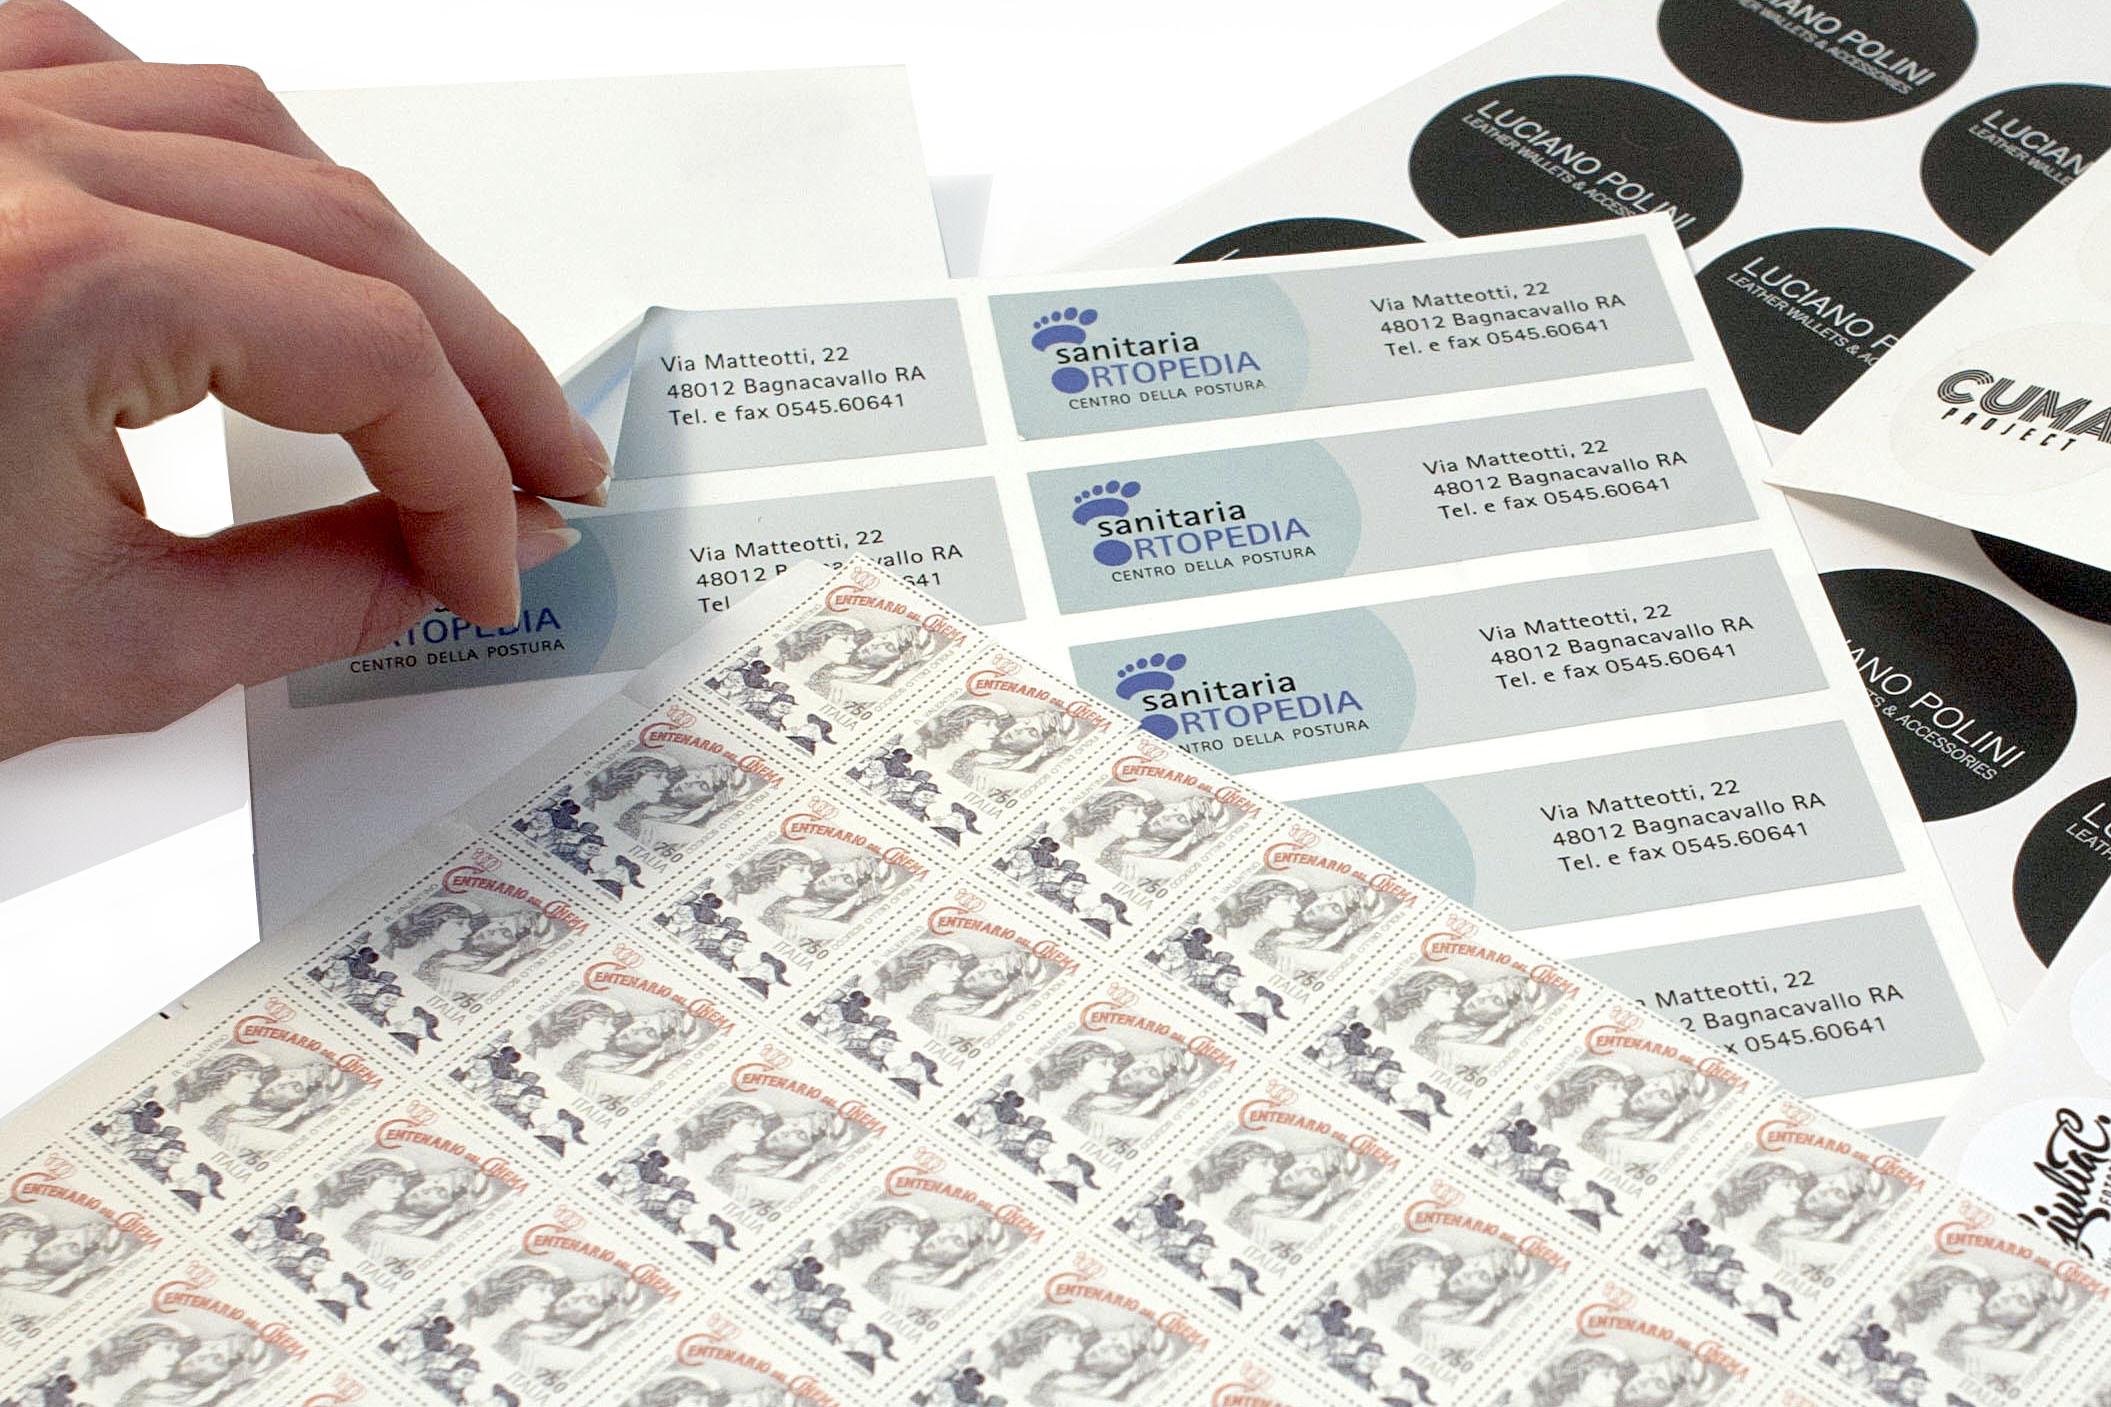 Etichette un pvc metallizzato